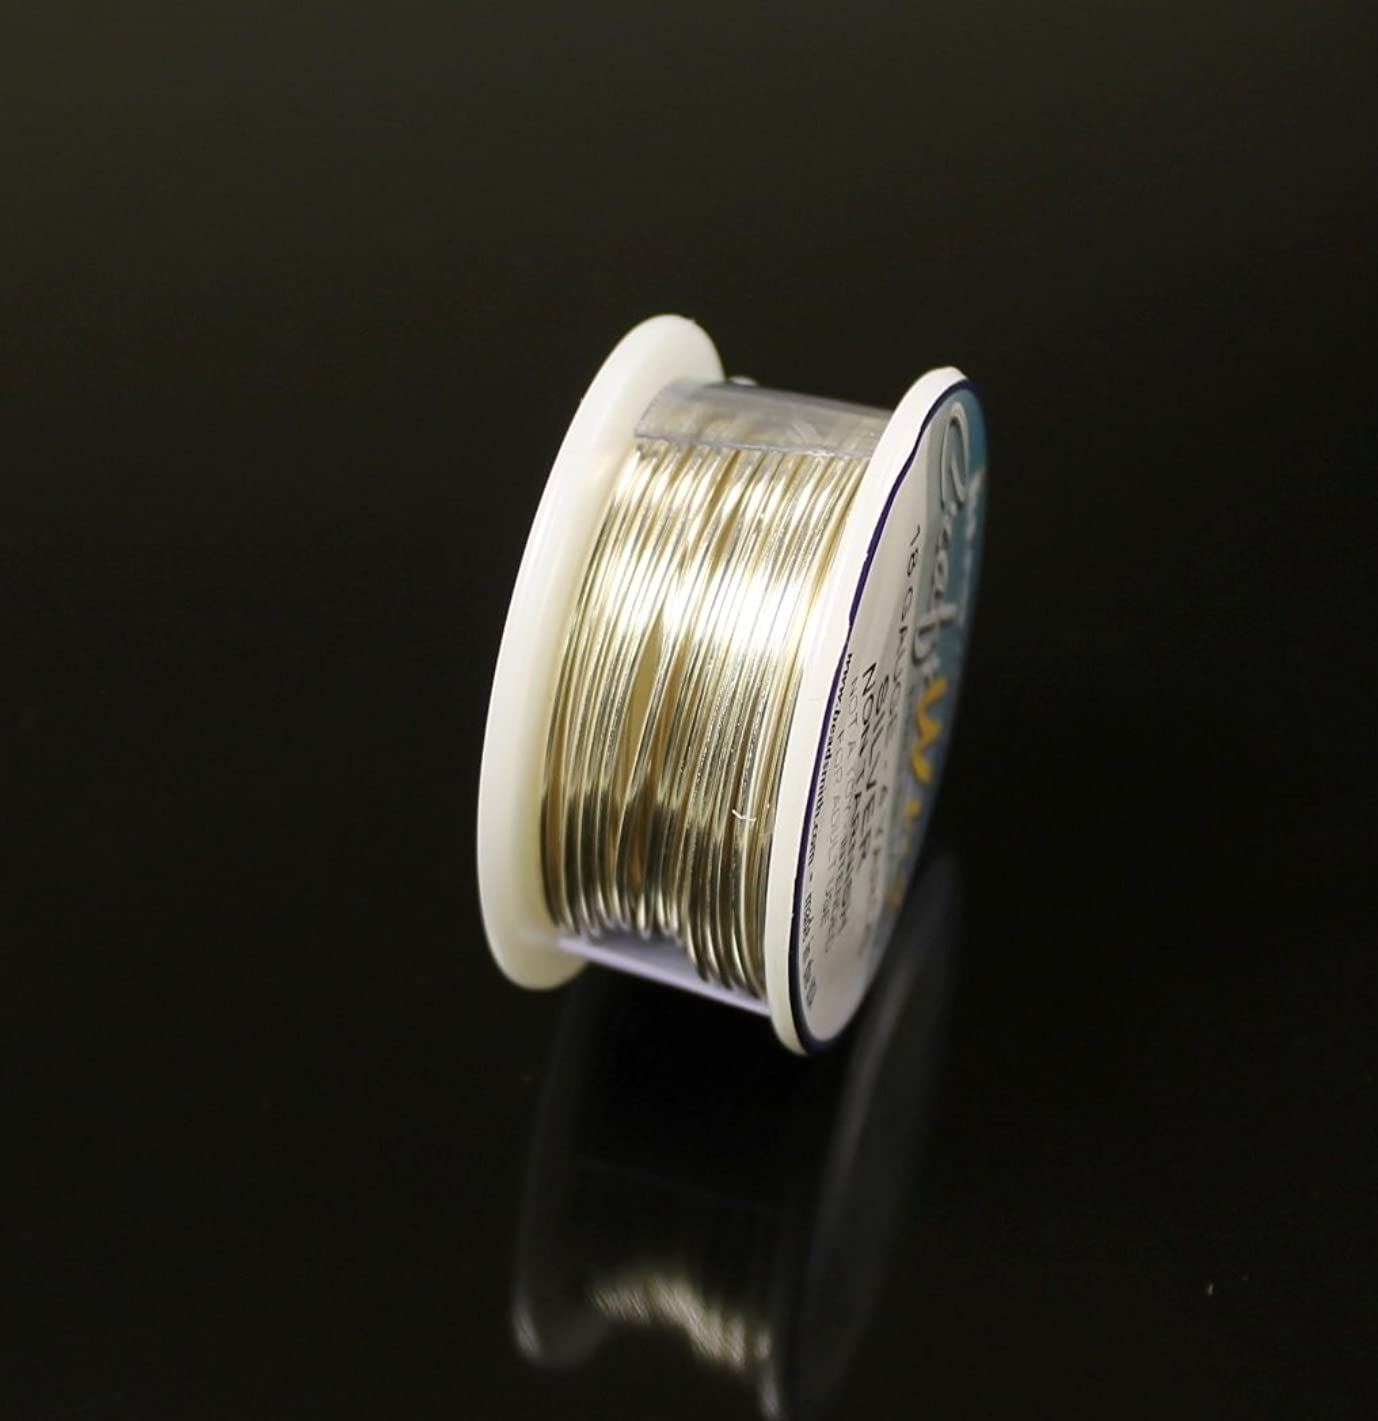 Silver Plated Non Tarnish Wire 24 Ga. 1 Spools 10 Yard Craft Wire